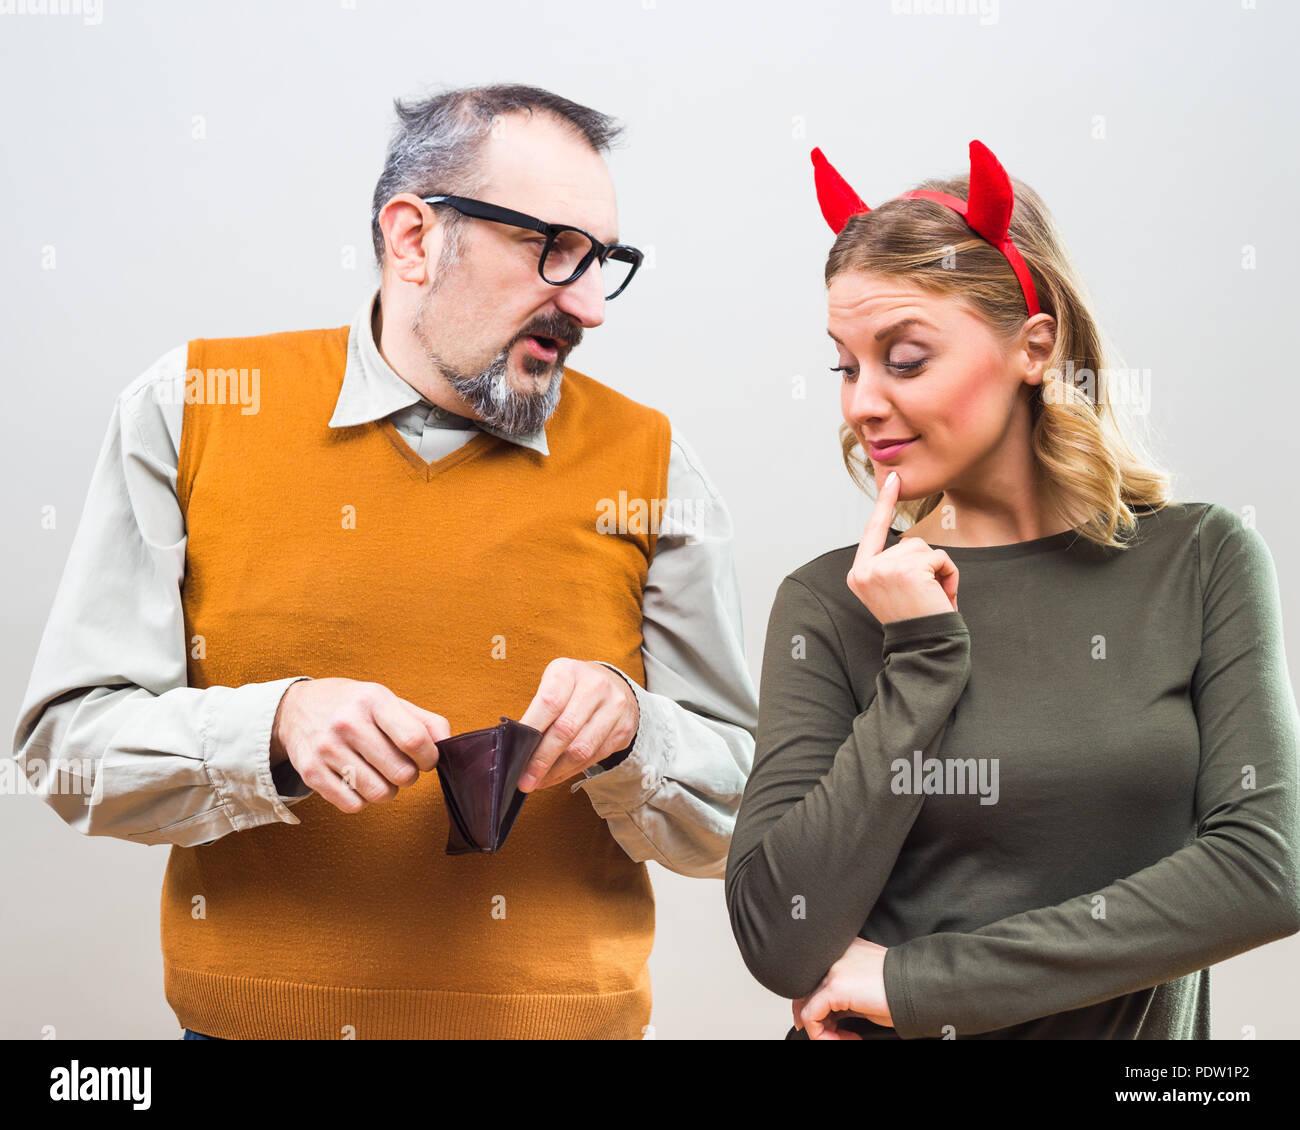 Nerdy man est incertaine, il pense ne plus aimer sa femme lui ou son argent. Photo Stock